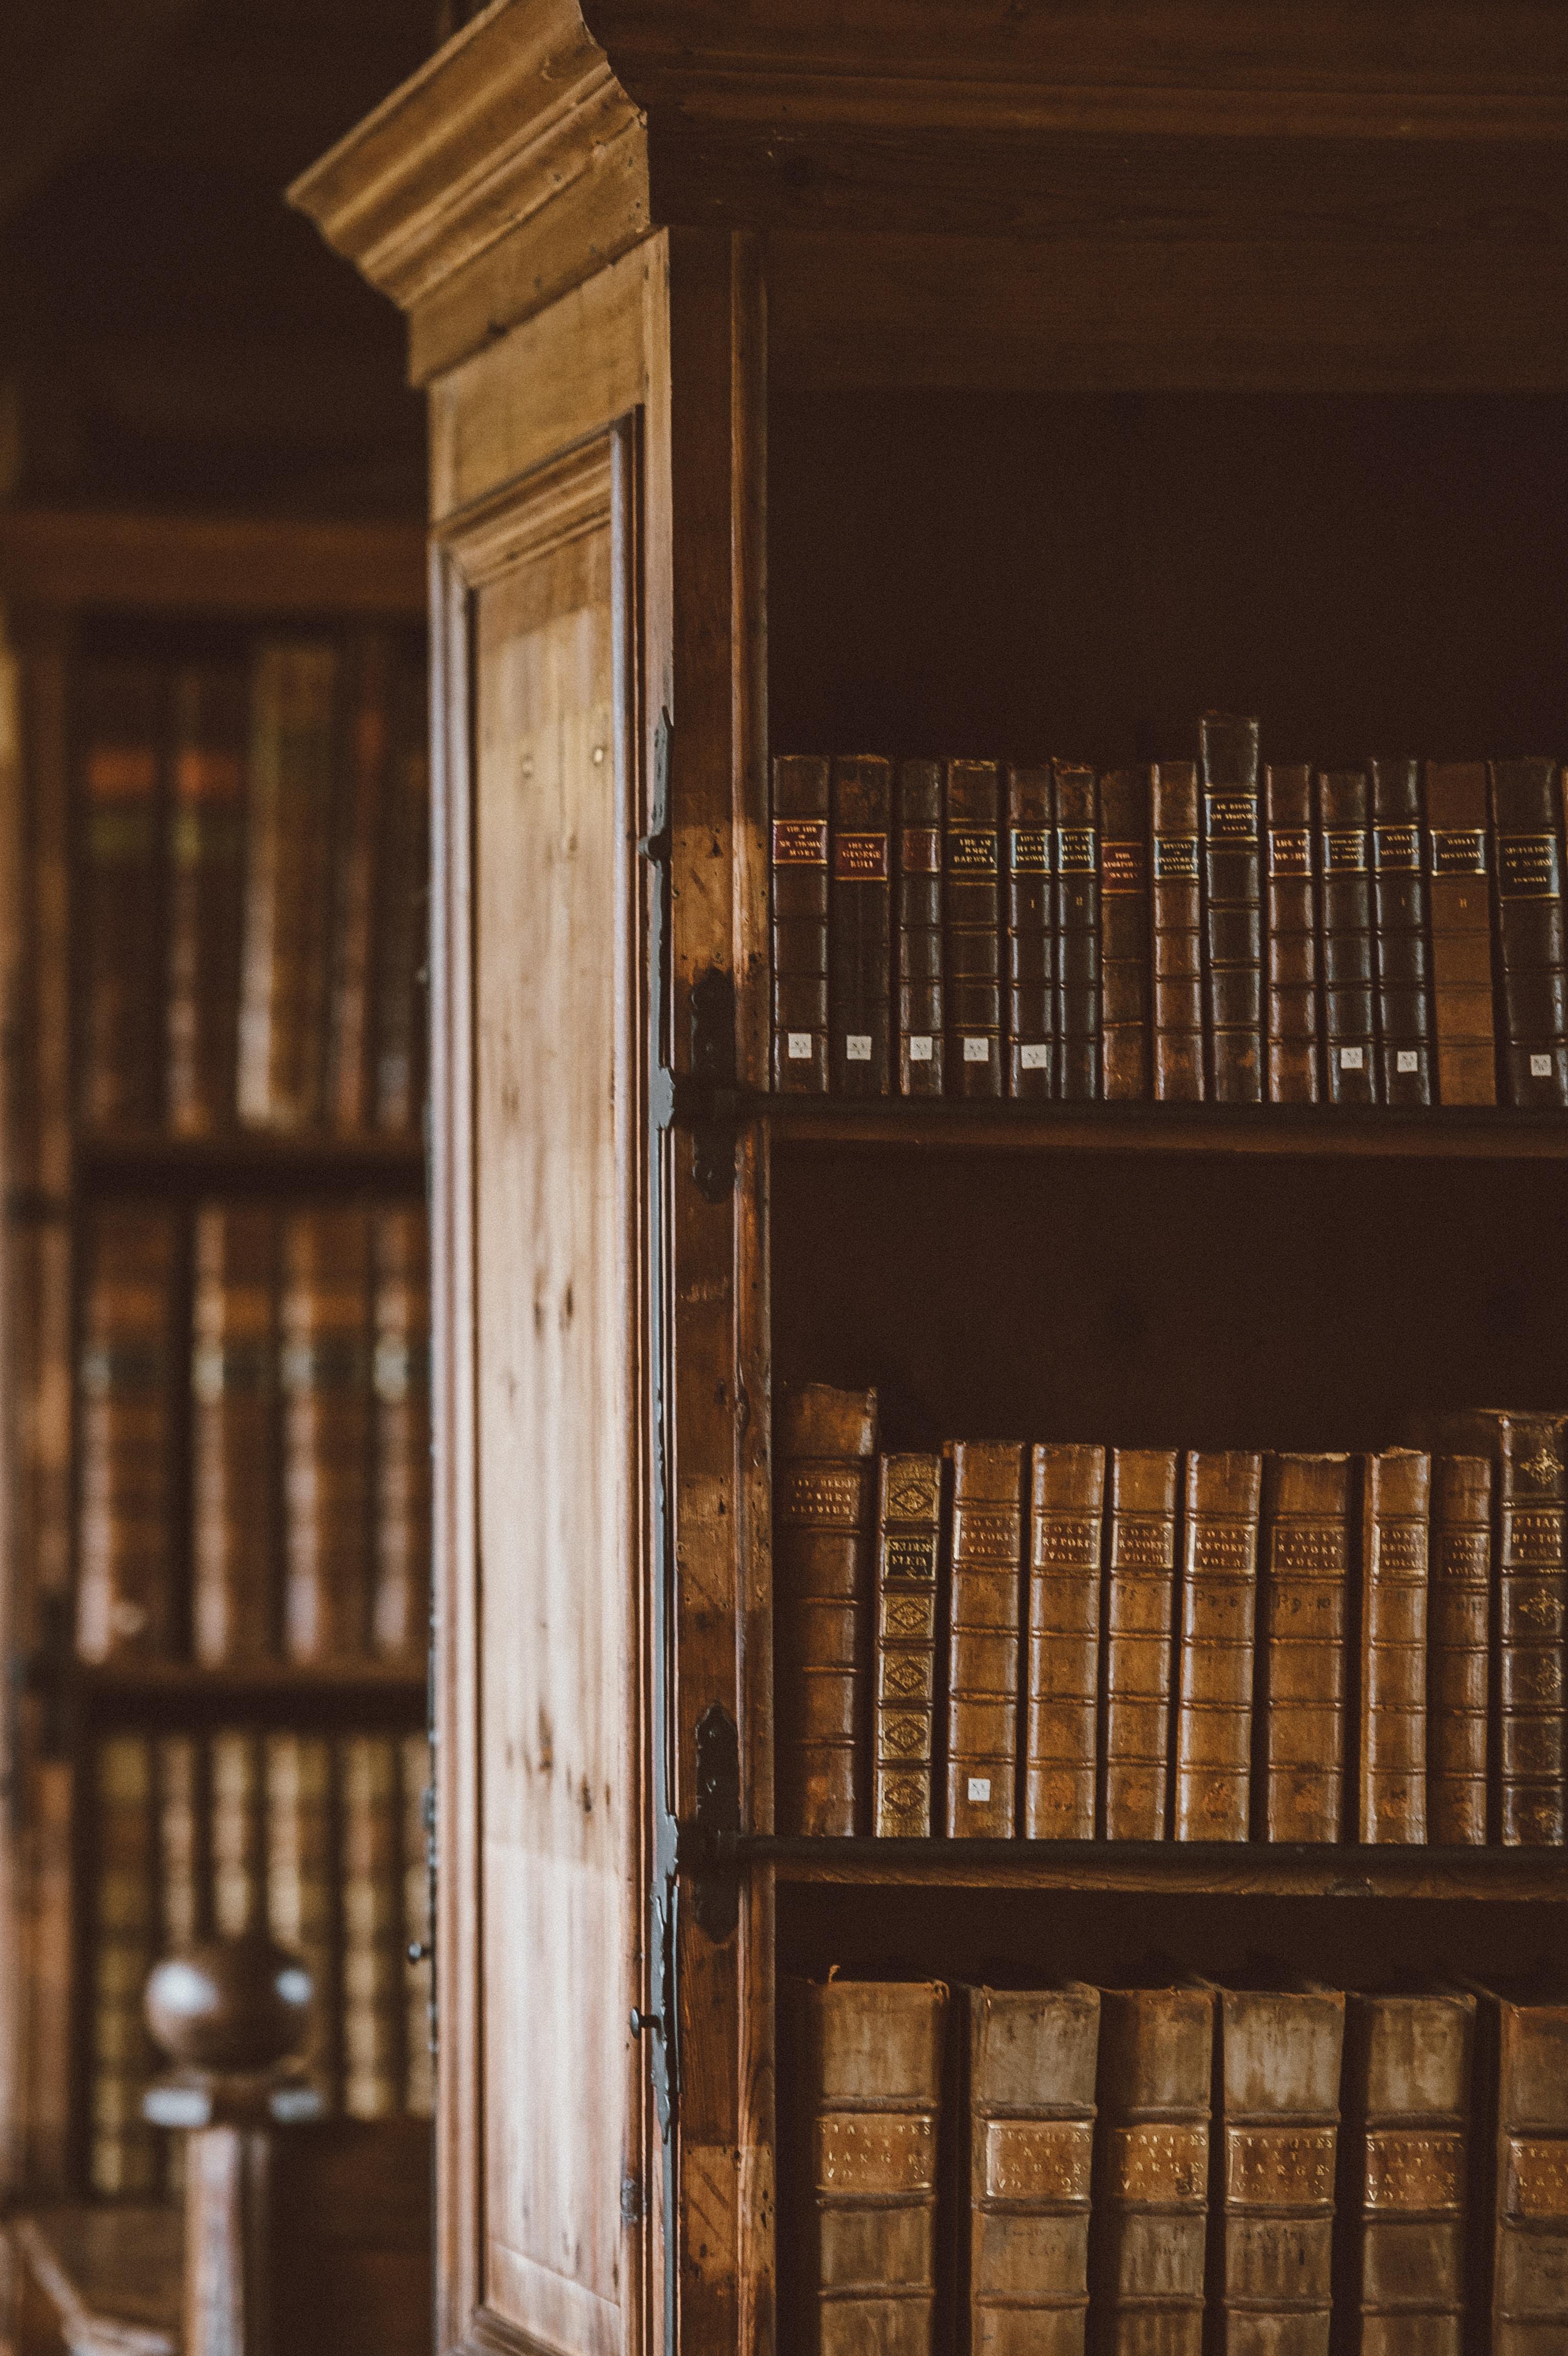 Book shelf of books